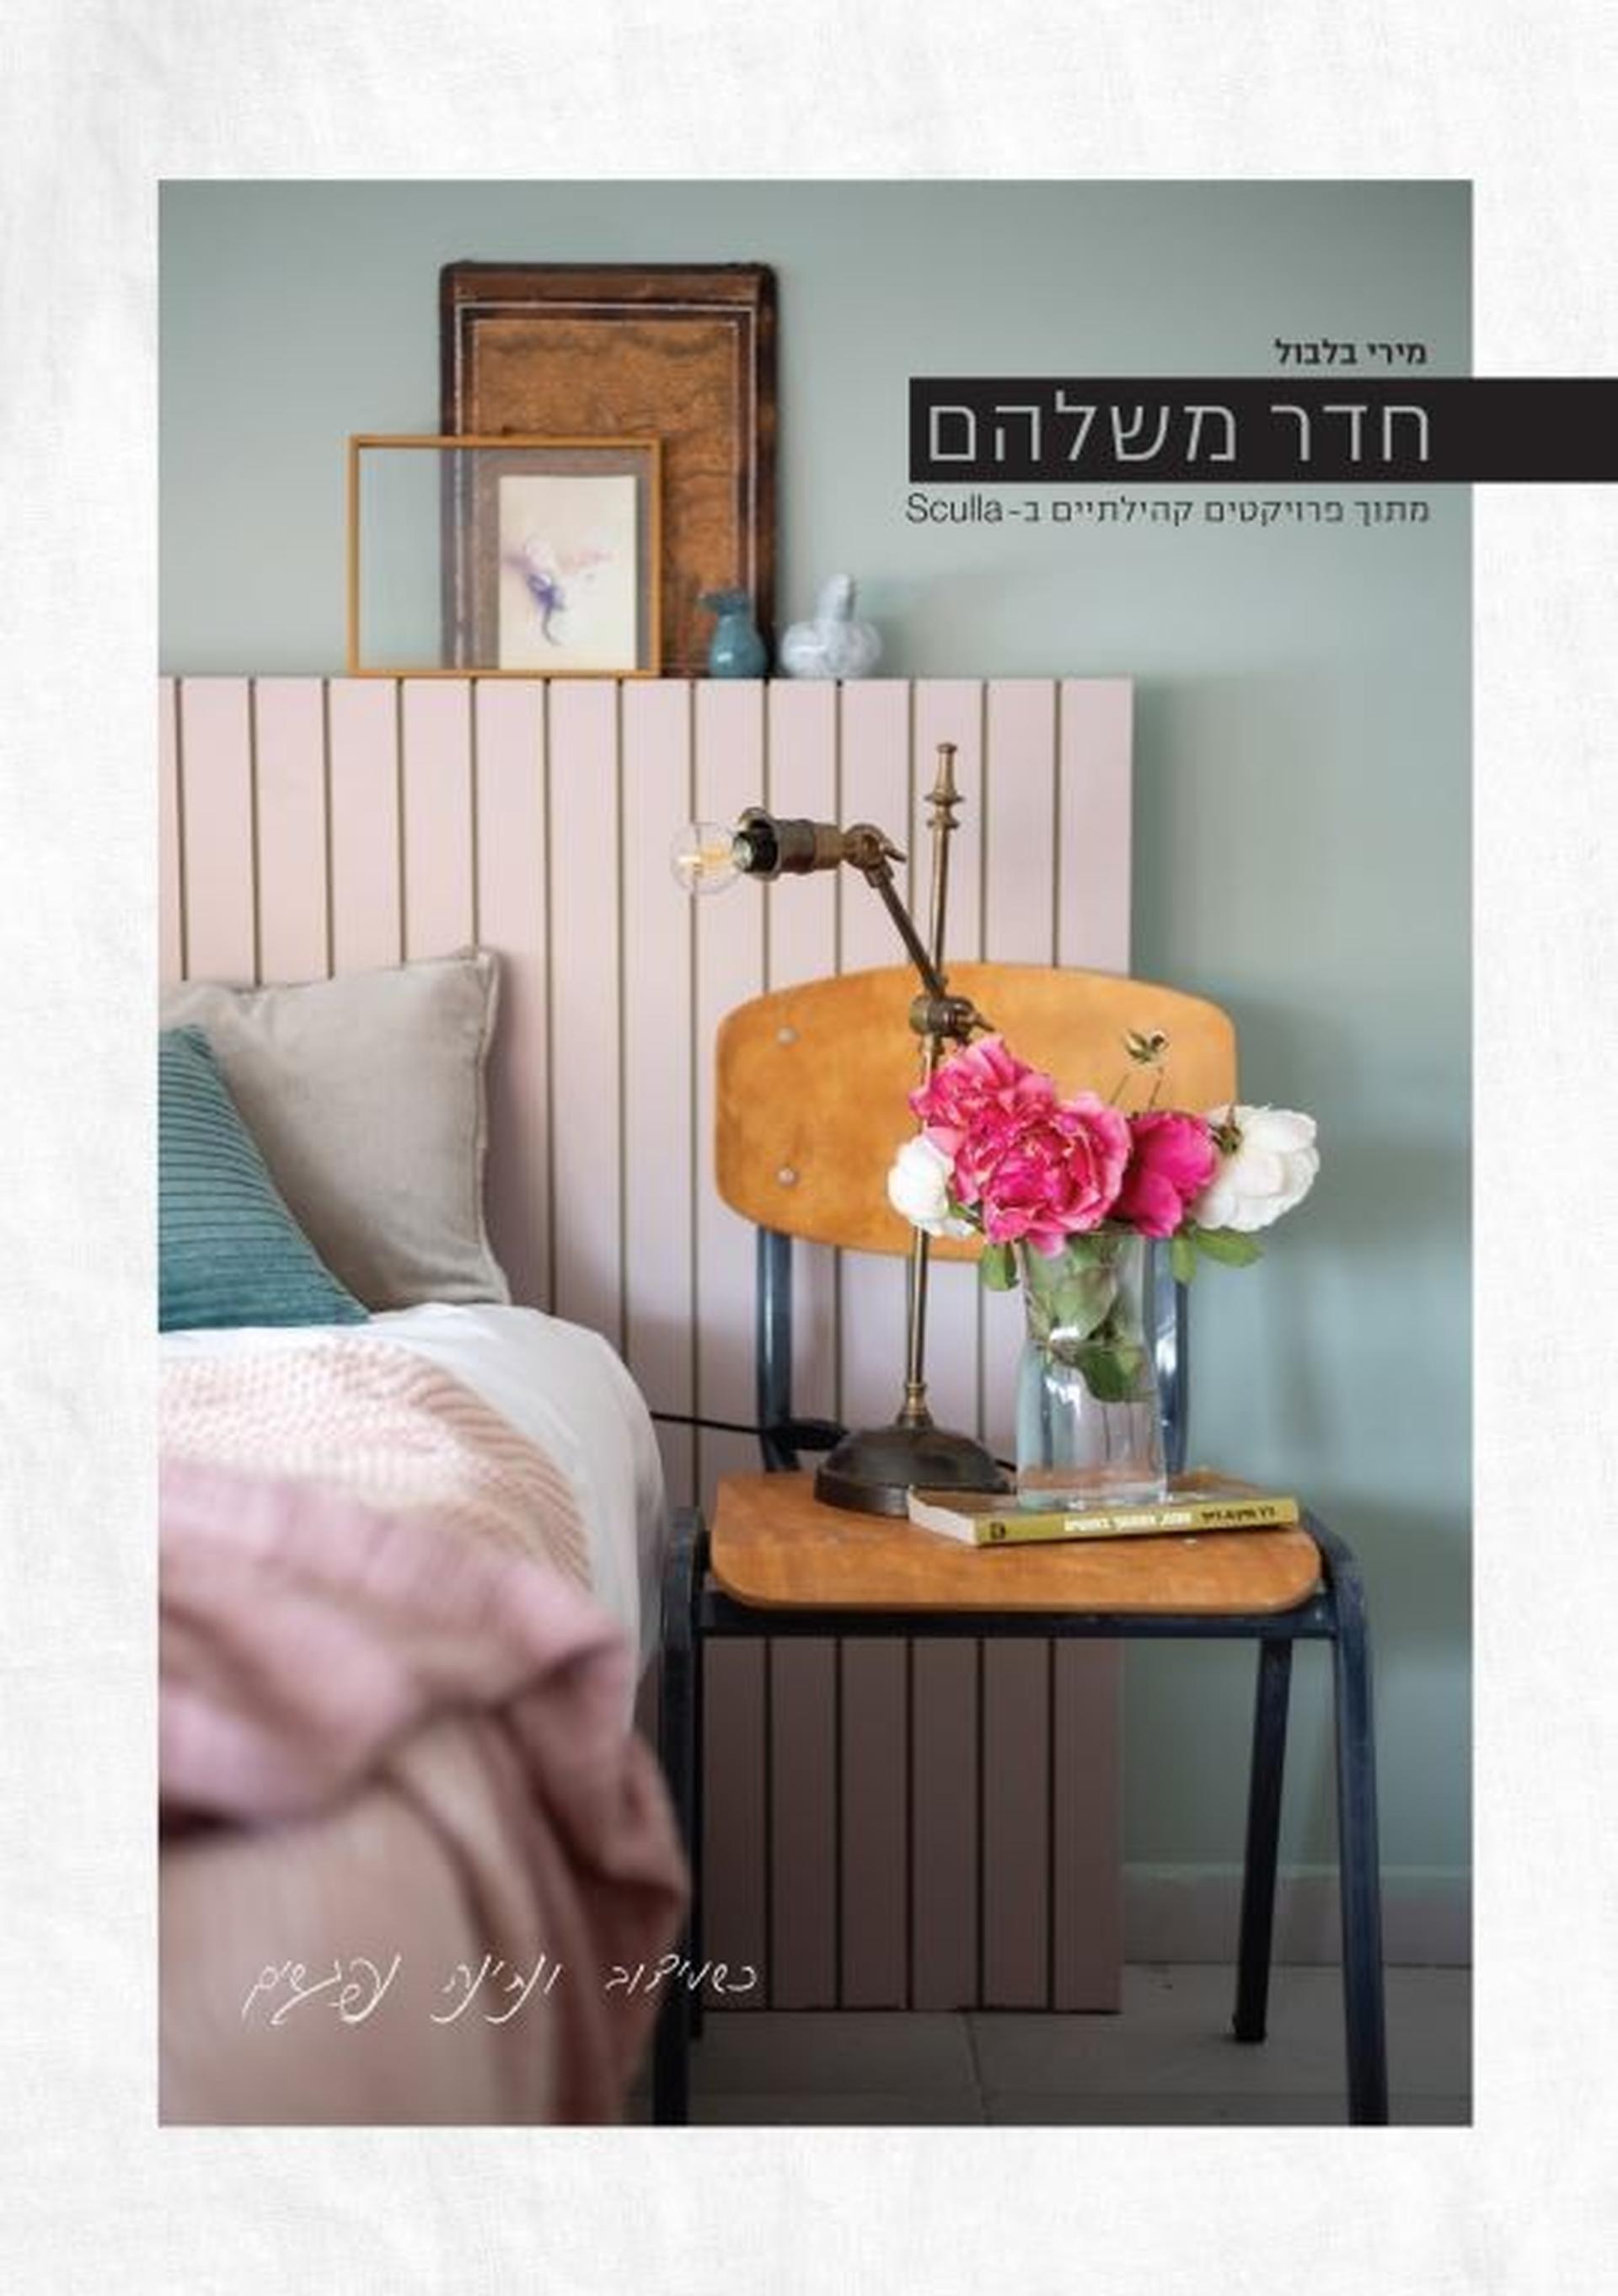 """כריכת הספר """"חדר מלשהם"""" מירי בלבול. צילום: נויה שילוני"""